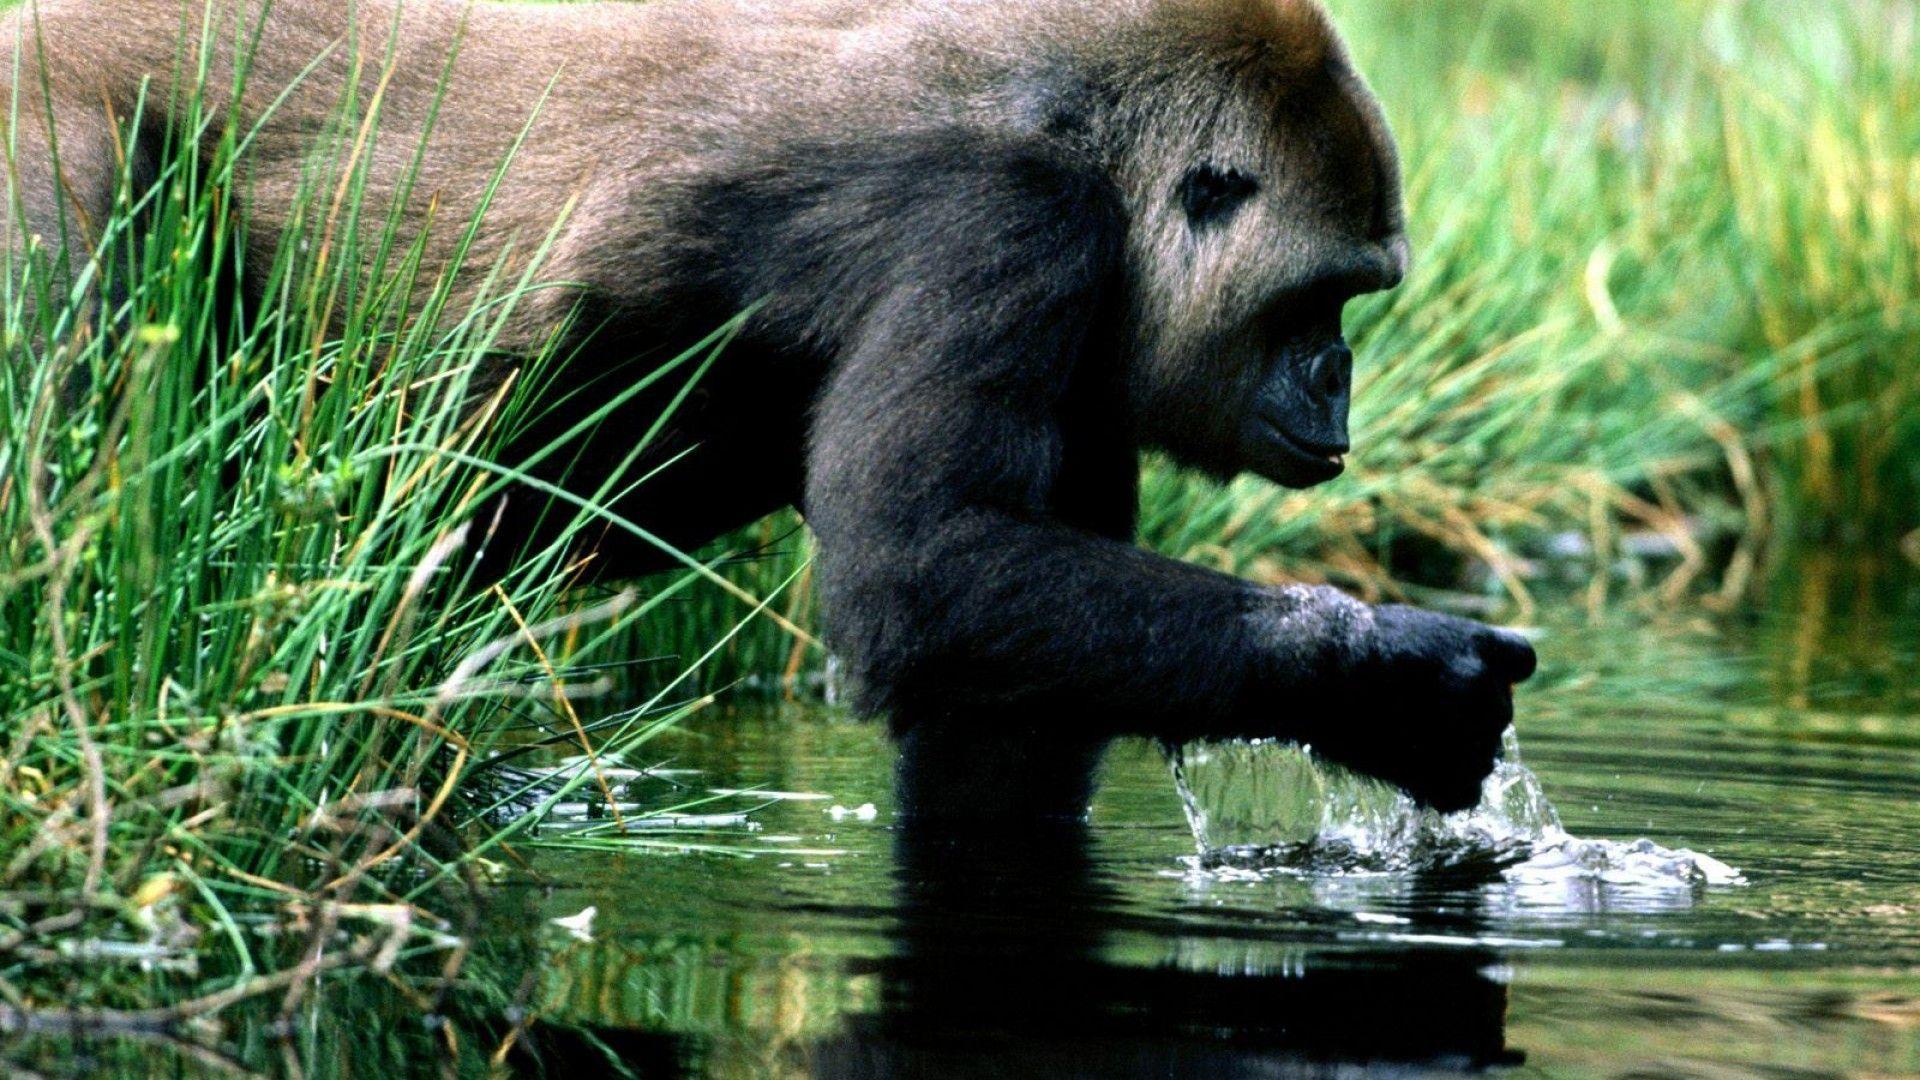 gorilla image, gorilla pictures